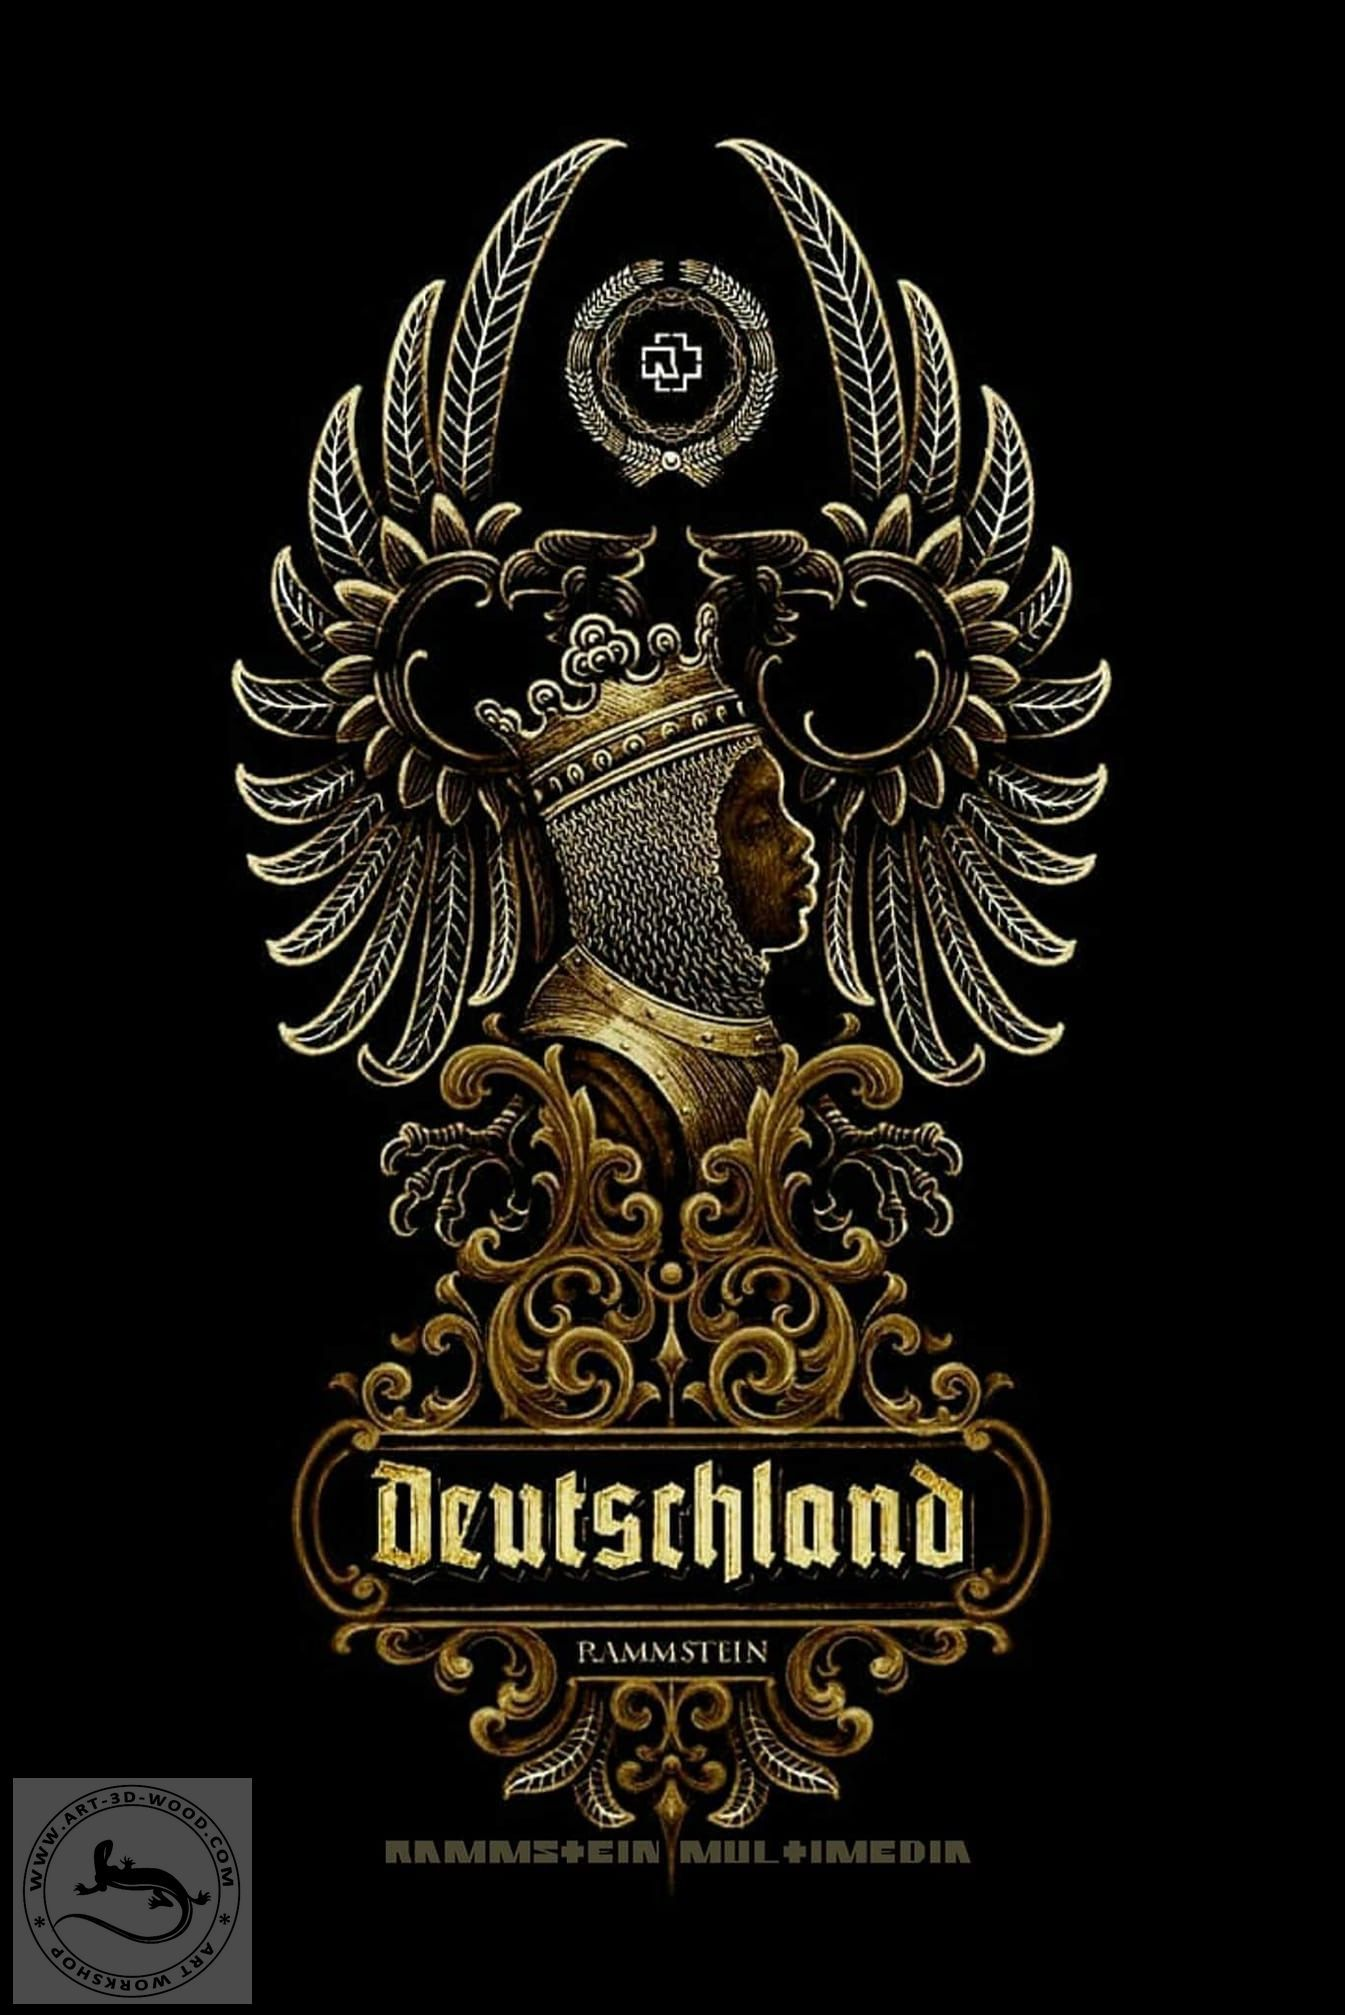 Rammstein Deutschland Panno Til Lindemann Muzykalnye Gruppy Oboi